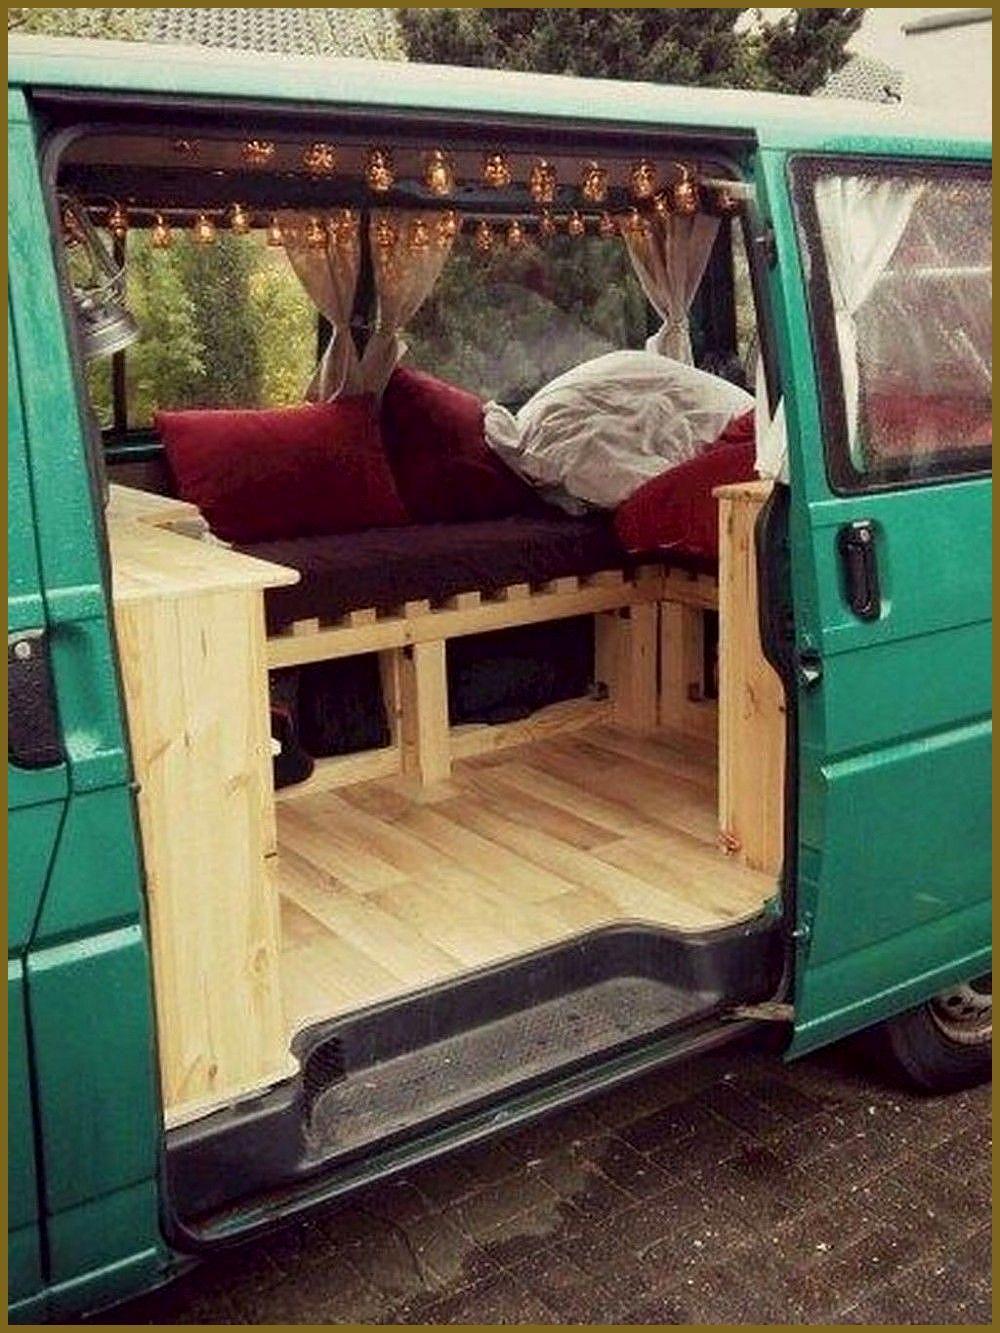 36 Magnificient Mini Van Camping Organization Ideas In 2020 Van Camping Campervan Interior Volkswagen Camper Van